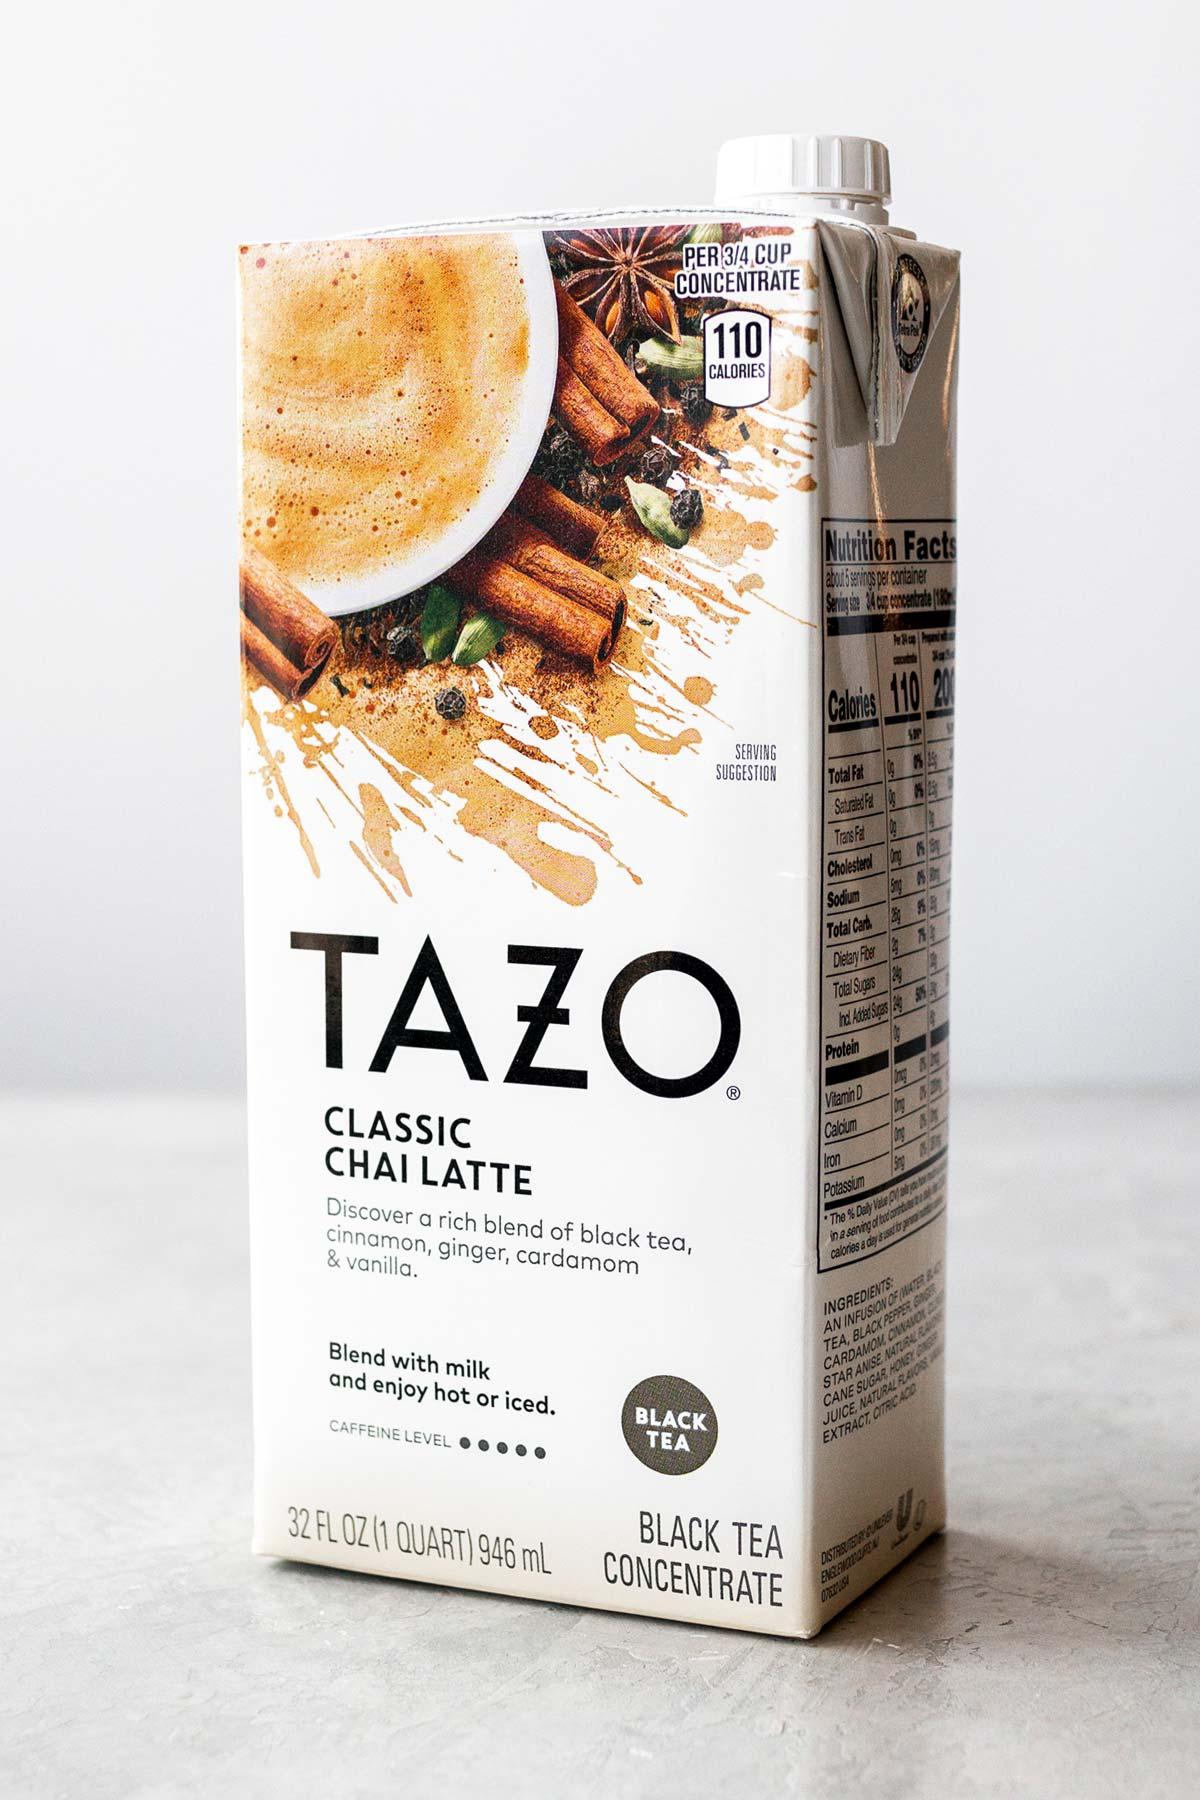 Tazo Classic Chai Latte box.